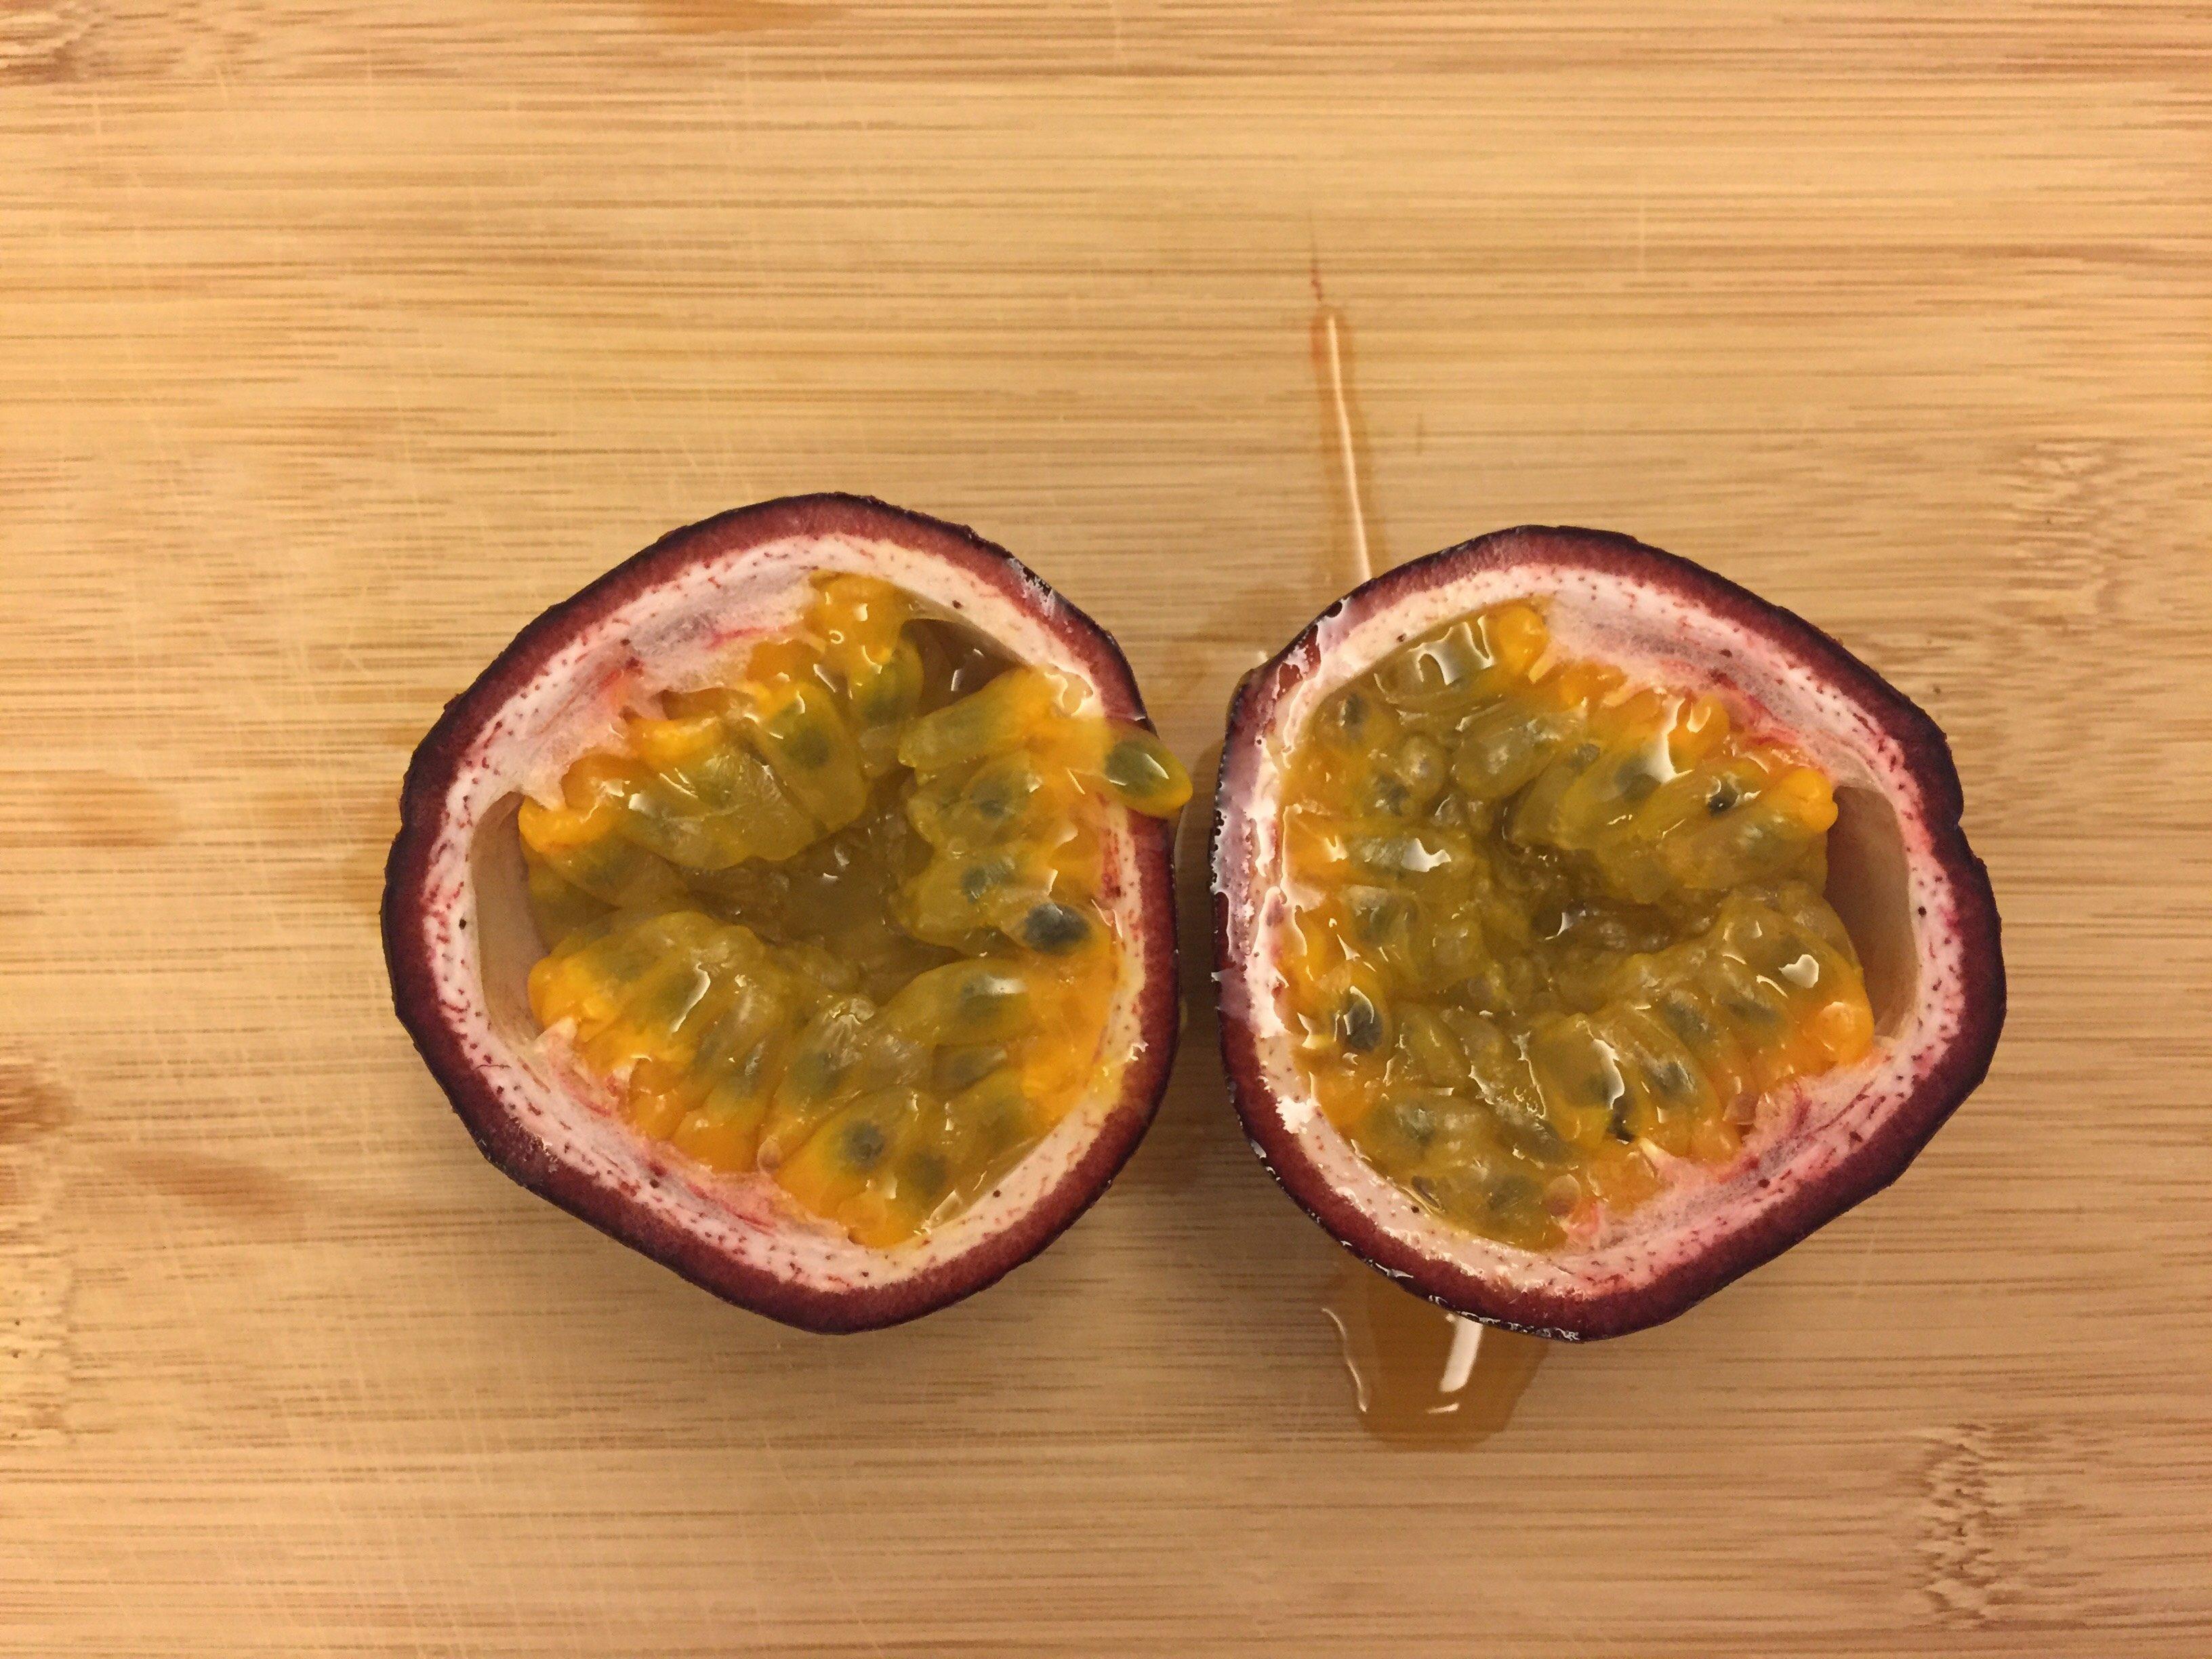 台北 冬 果物 フルーツ パッションフルーツ